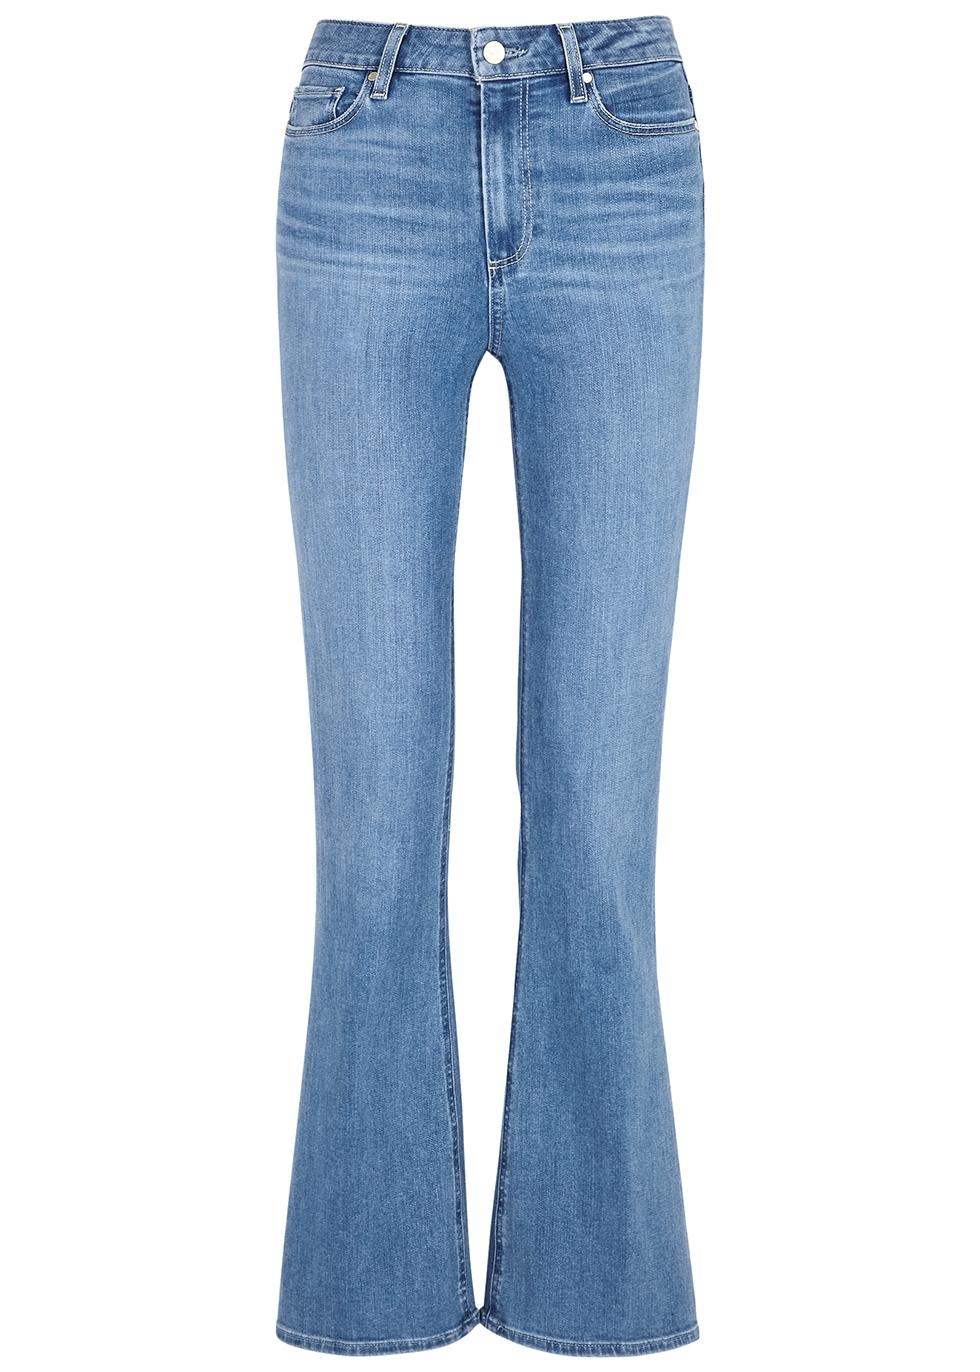 Laurel blue bootcut jeans